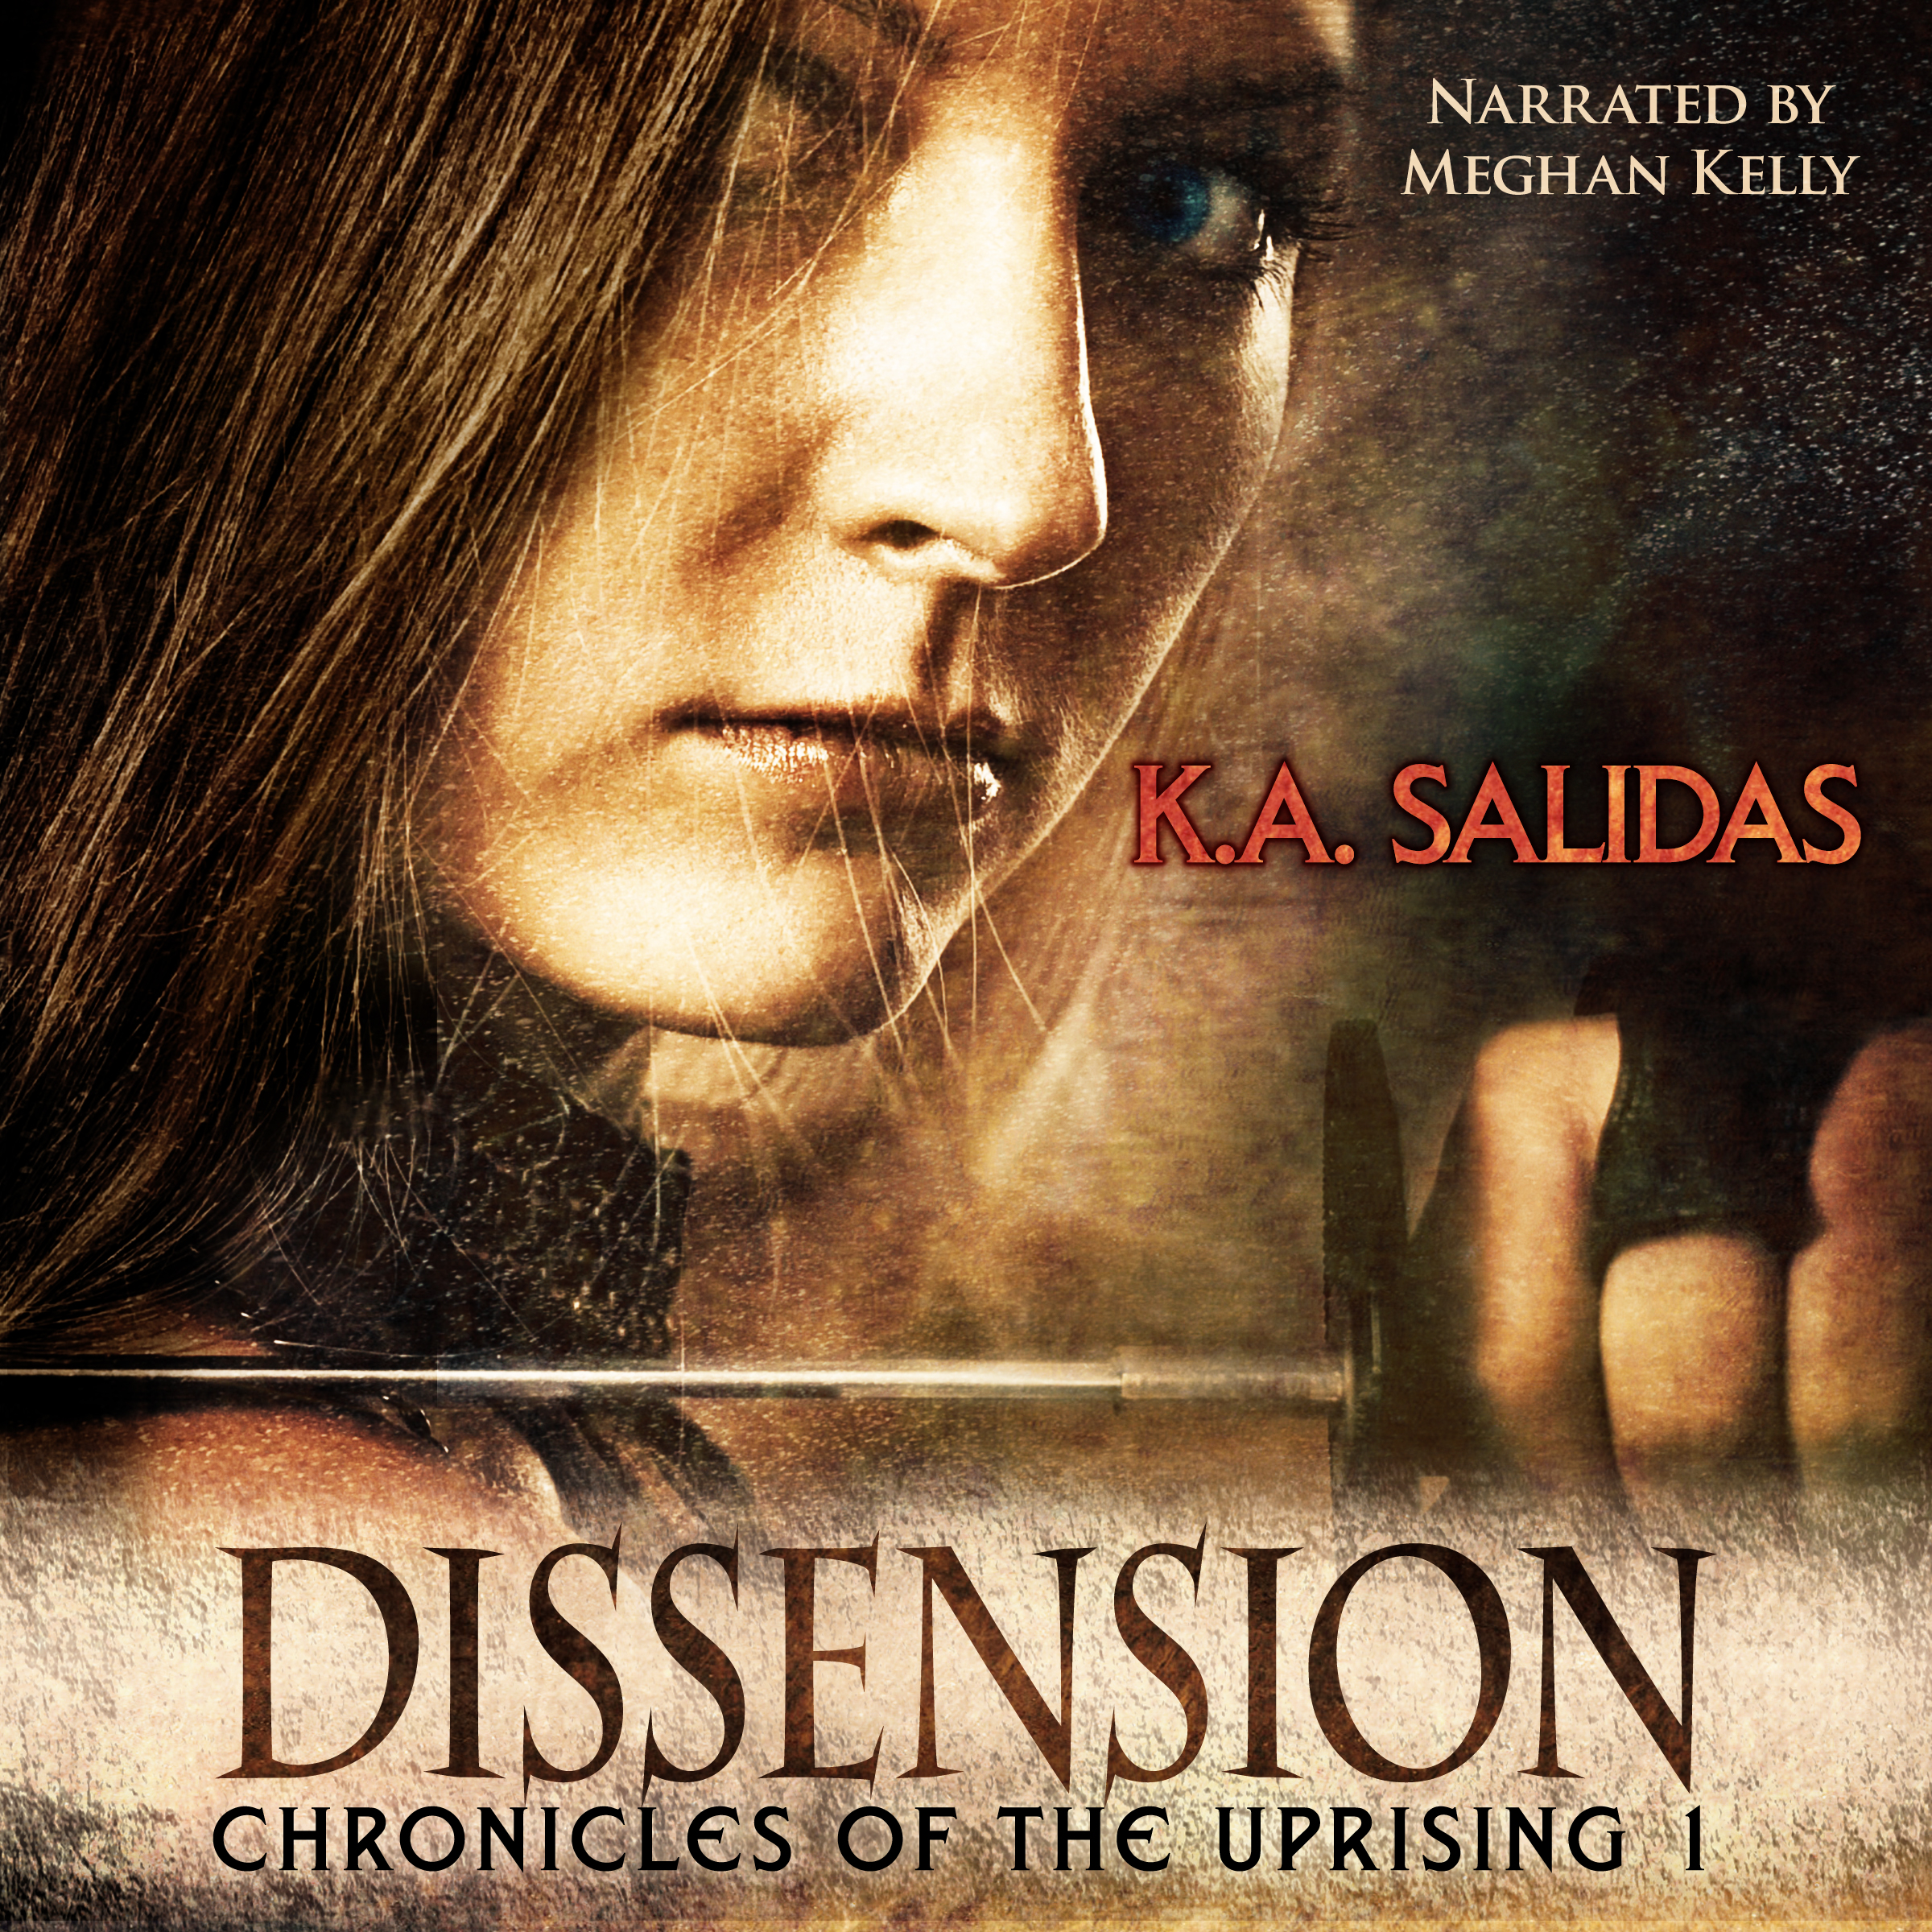 Dissension by Katie Salidas